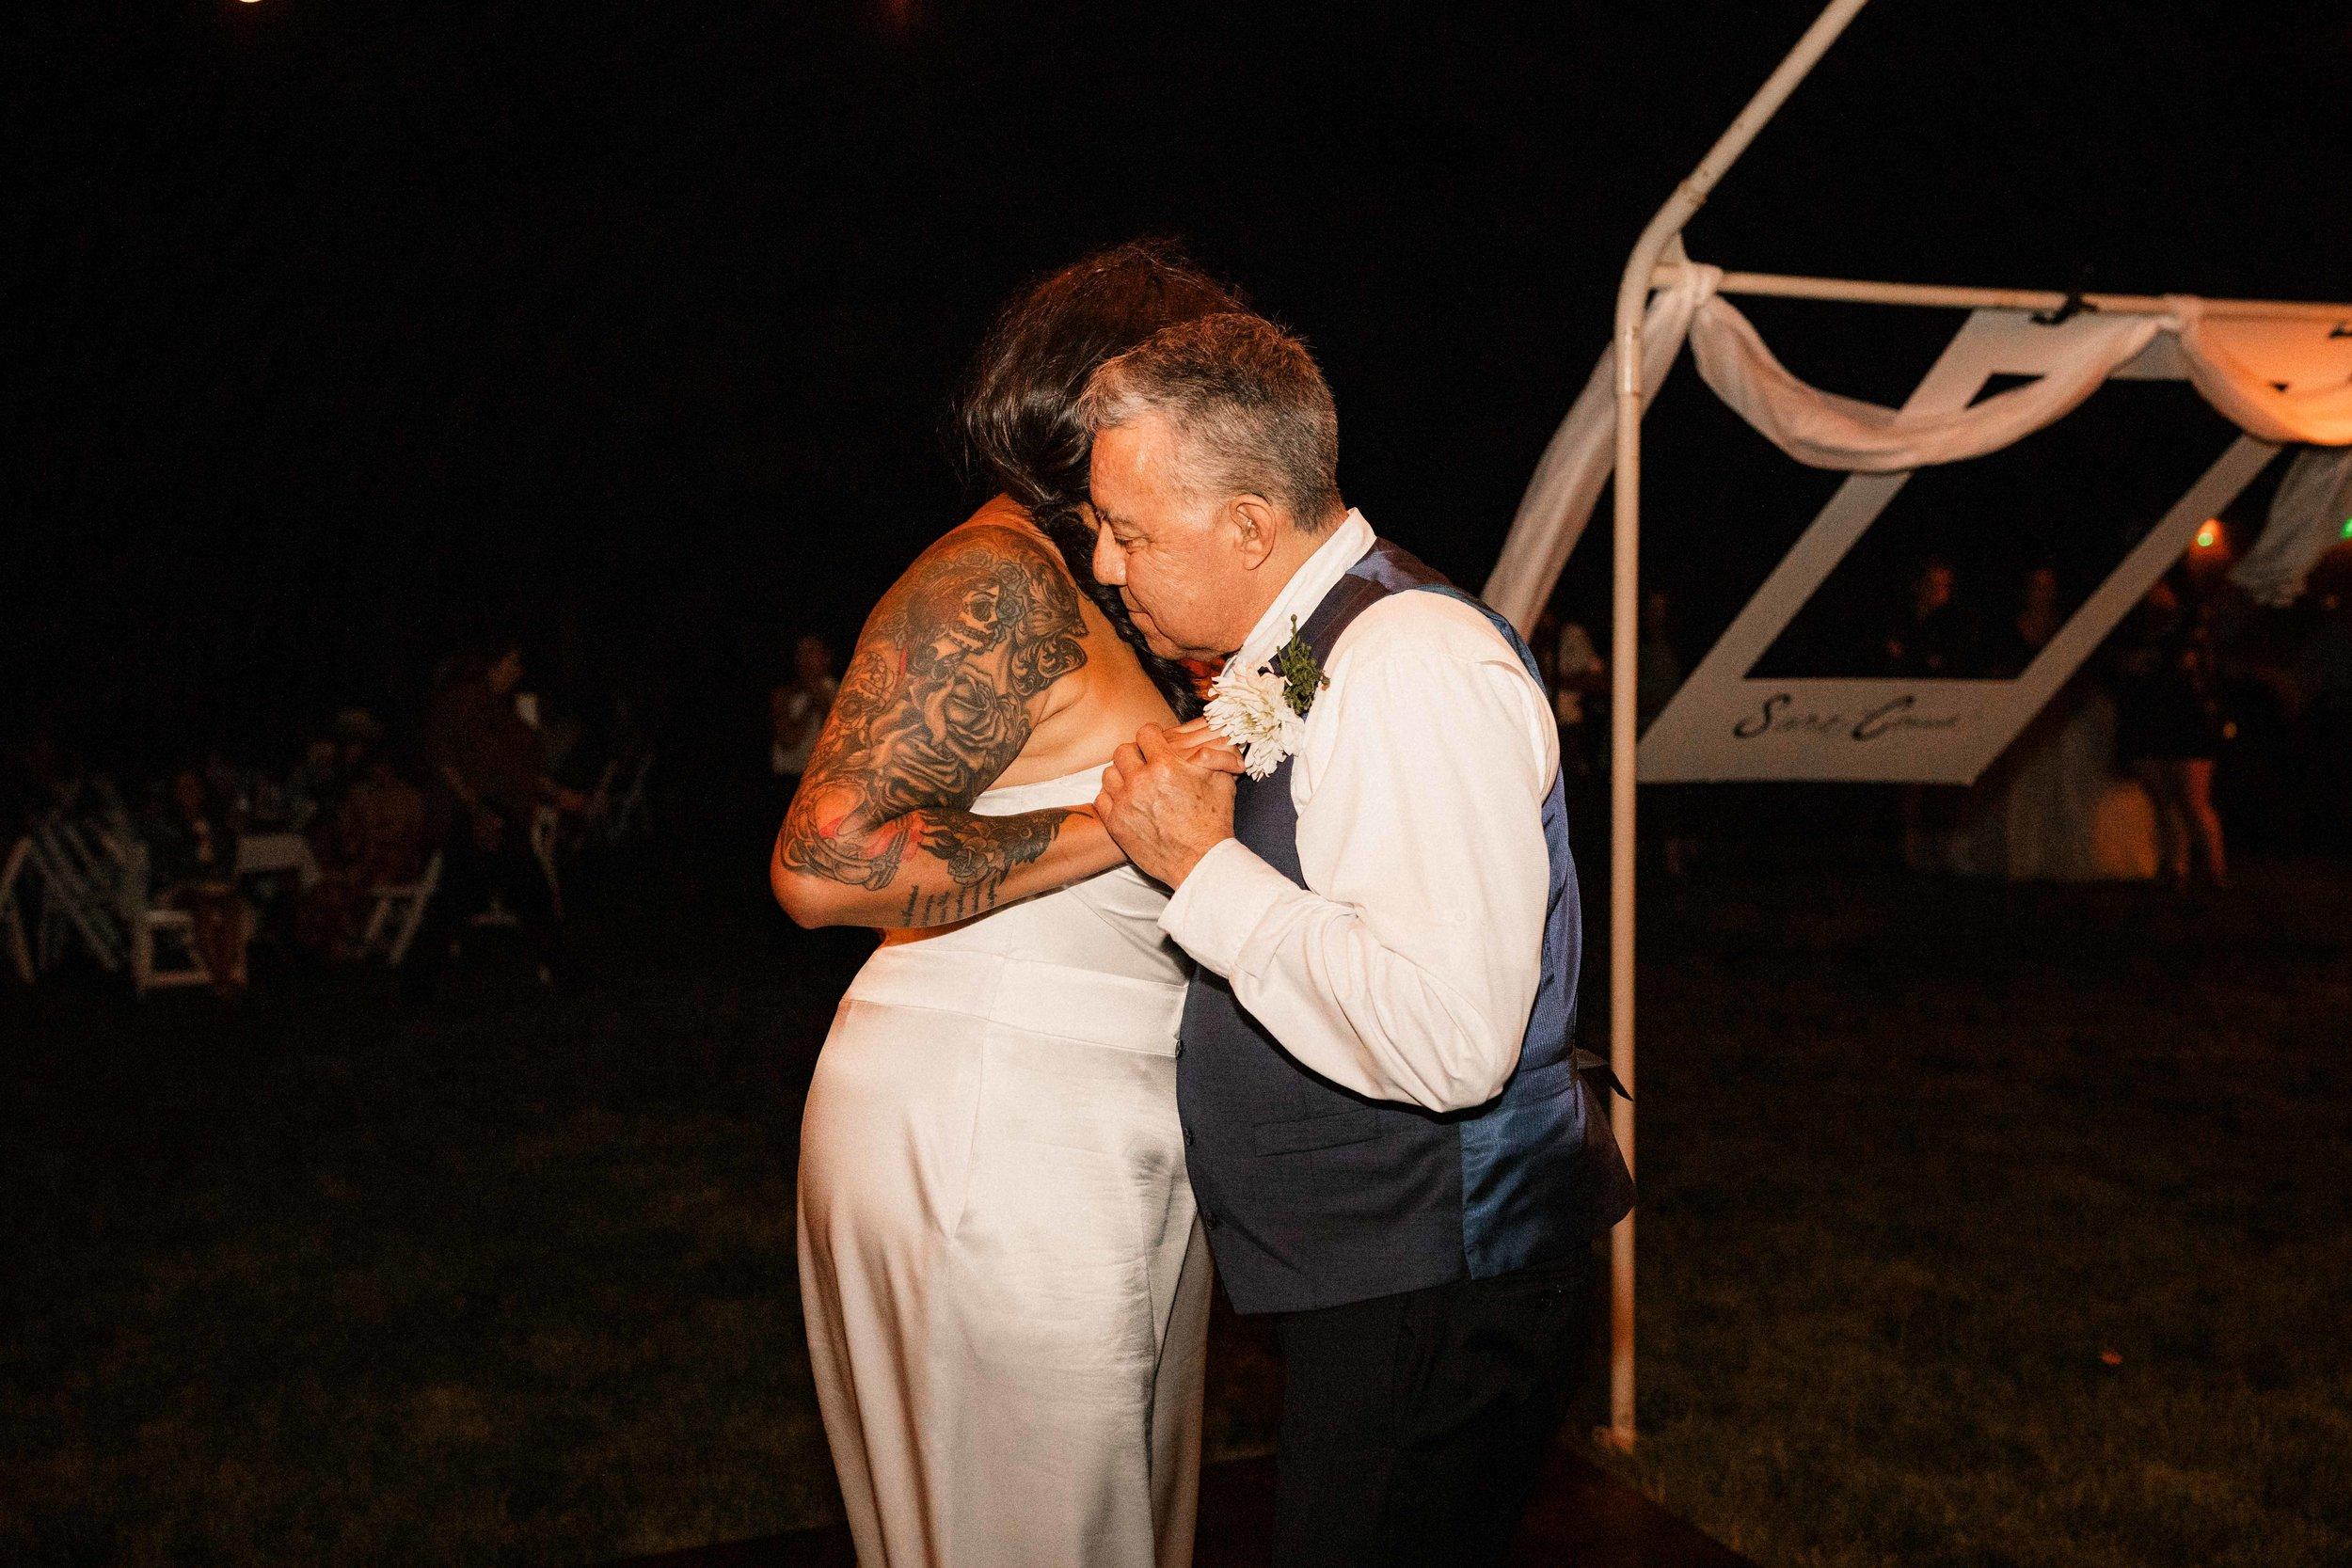 pasco-wedding-photos-62.jpg